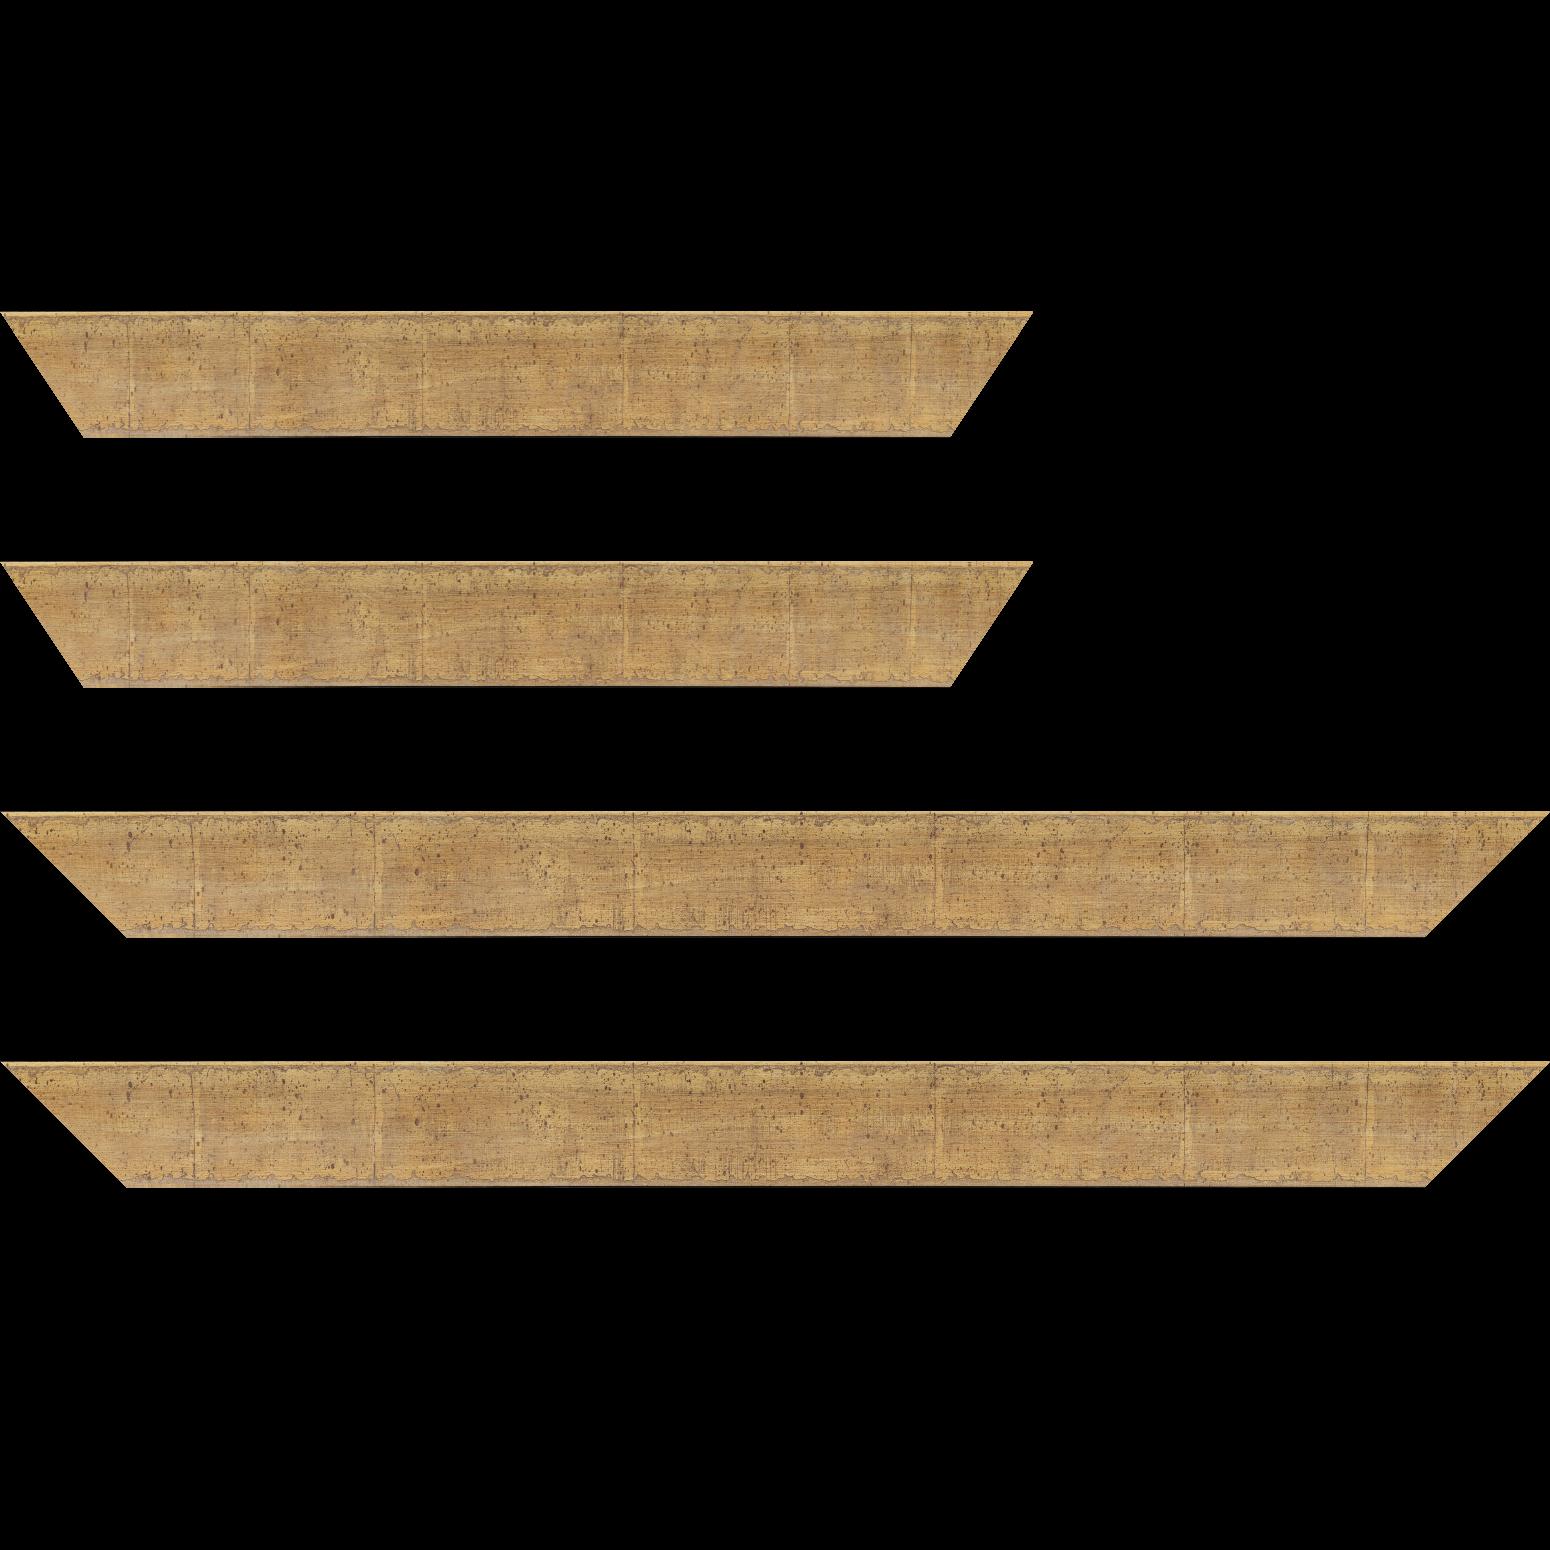 Baguette service précoupé Bois profil incurvé largeur 4.1cm couleur marron tres clair  effet plaquage